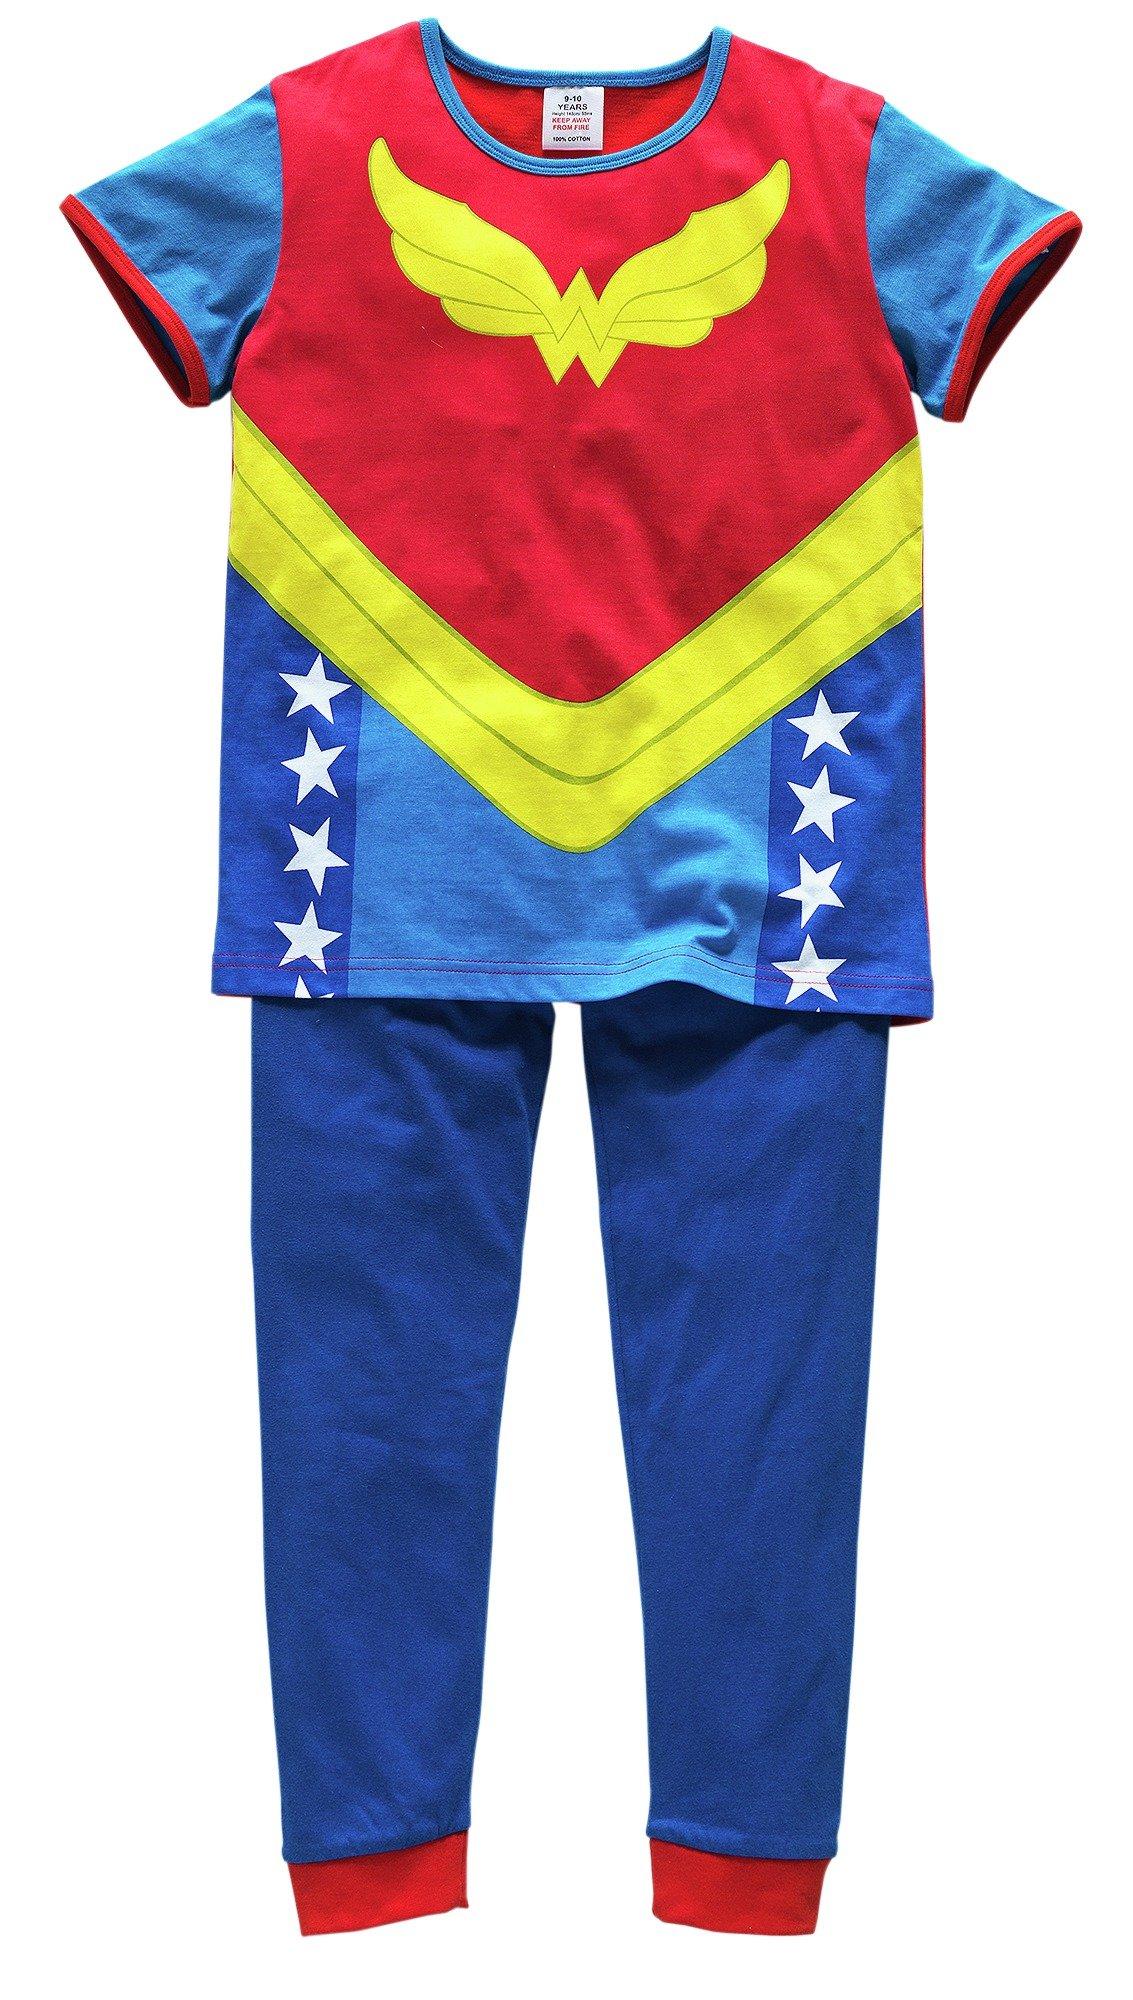 Image of DC - Girls Wonder Woman Cotton Pyjamas - 5-6 Years